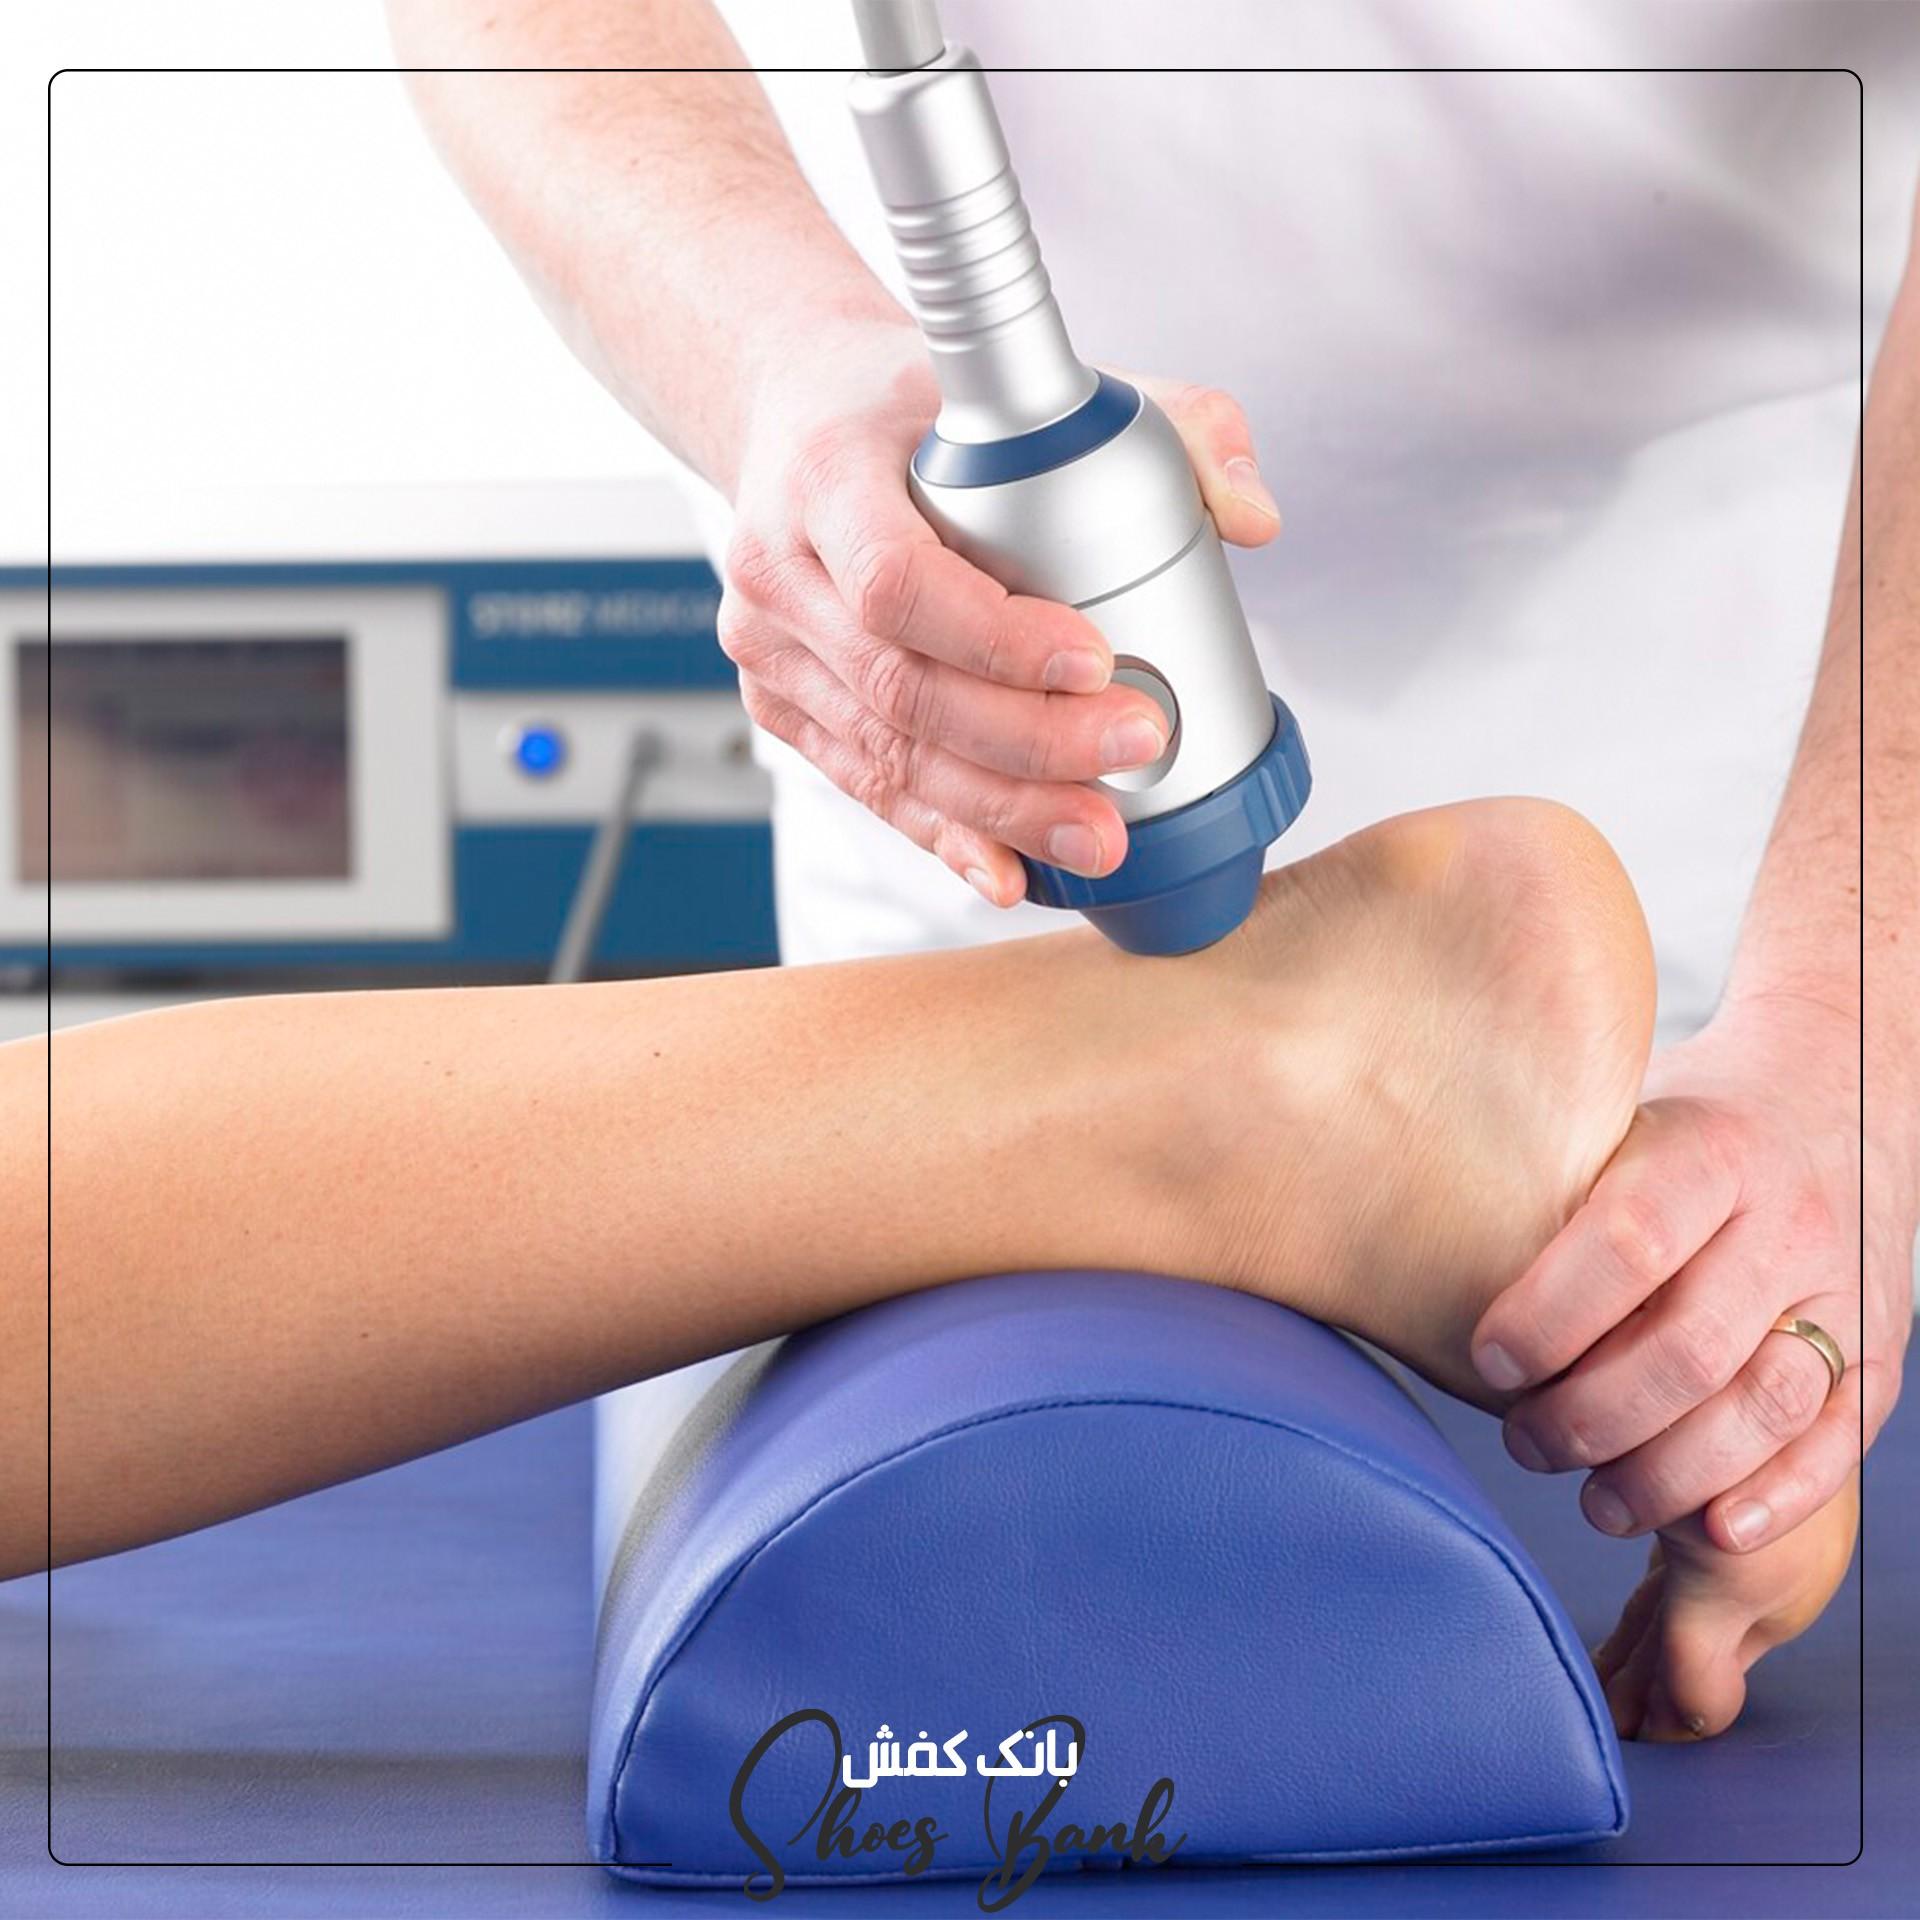 شاک ویو تراپی با ایجاد گردش خون در پا در درمان آرتروز نقش بسزایی دارد